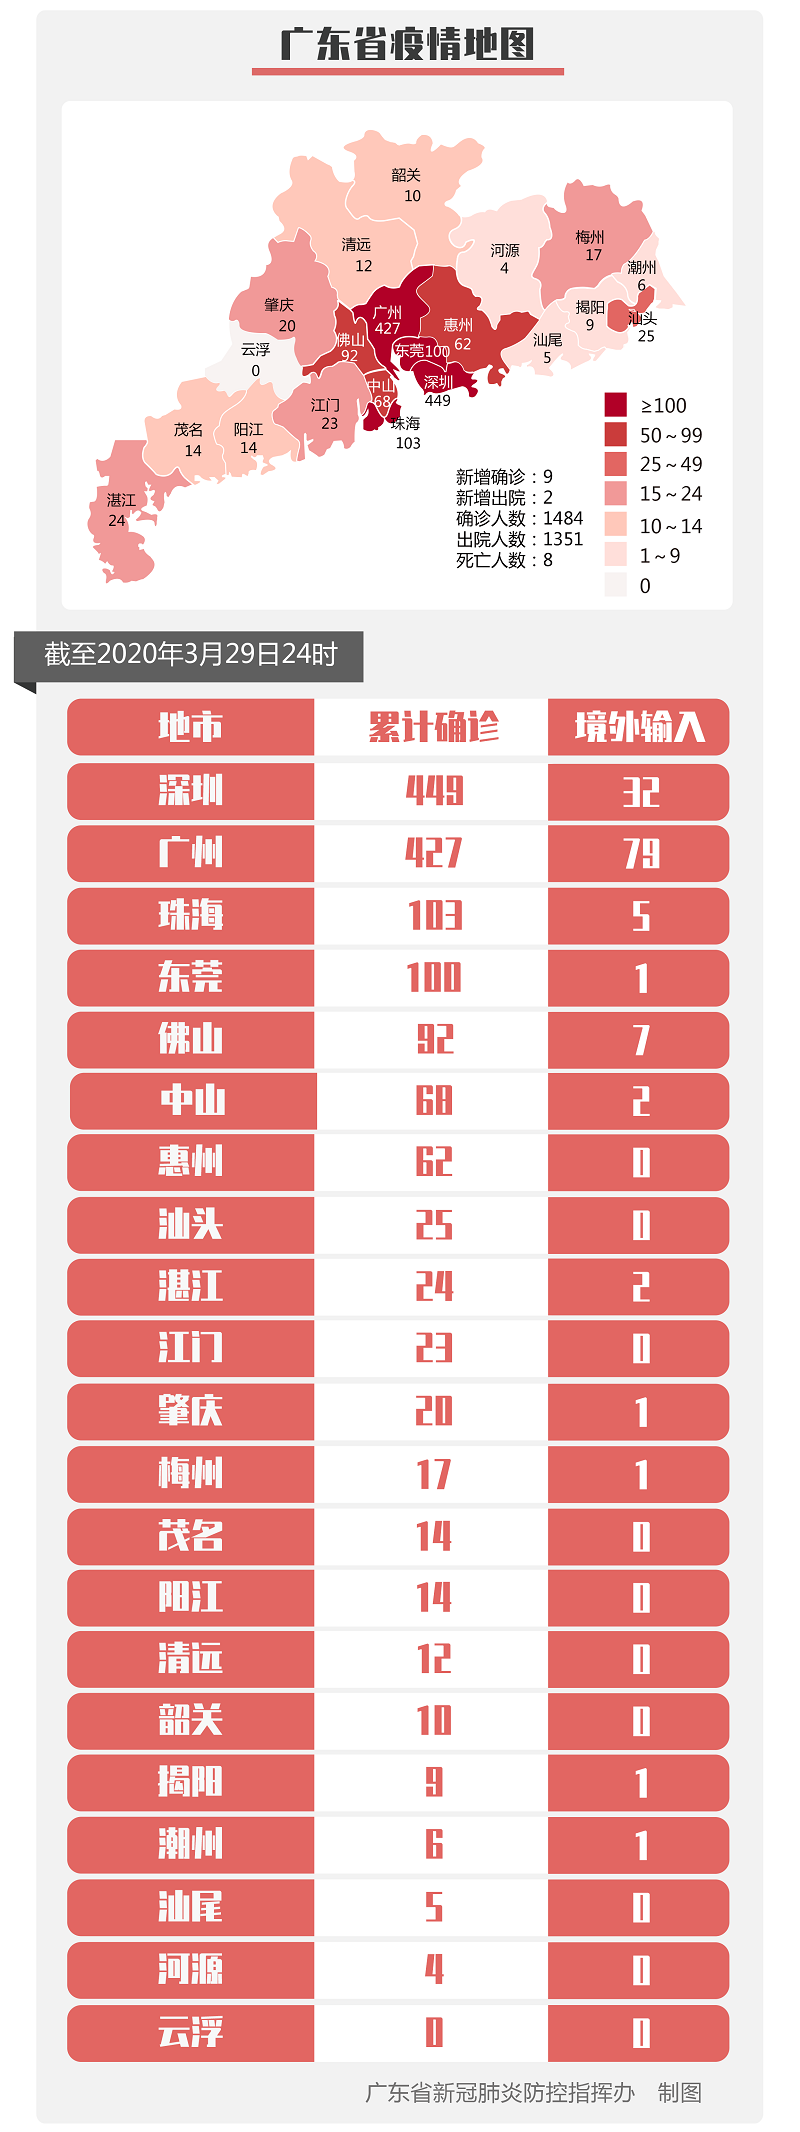 3月29日广东新型冠状病毒感染肺炎疫情 新增确诊9例 累计1484例